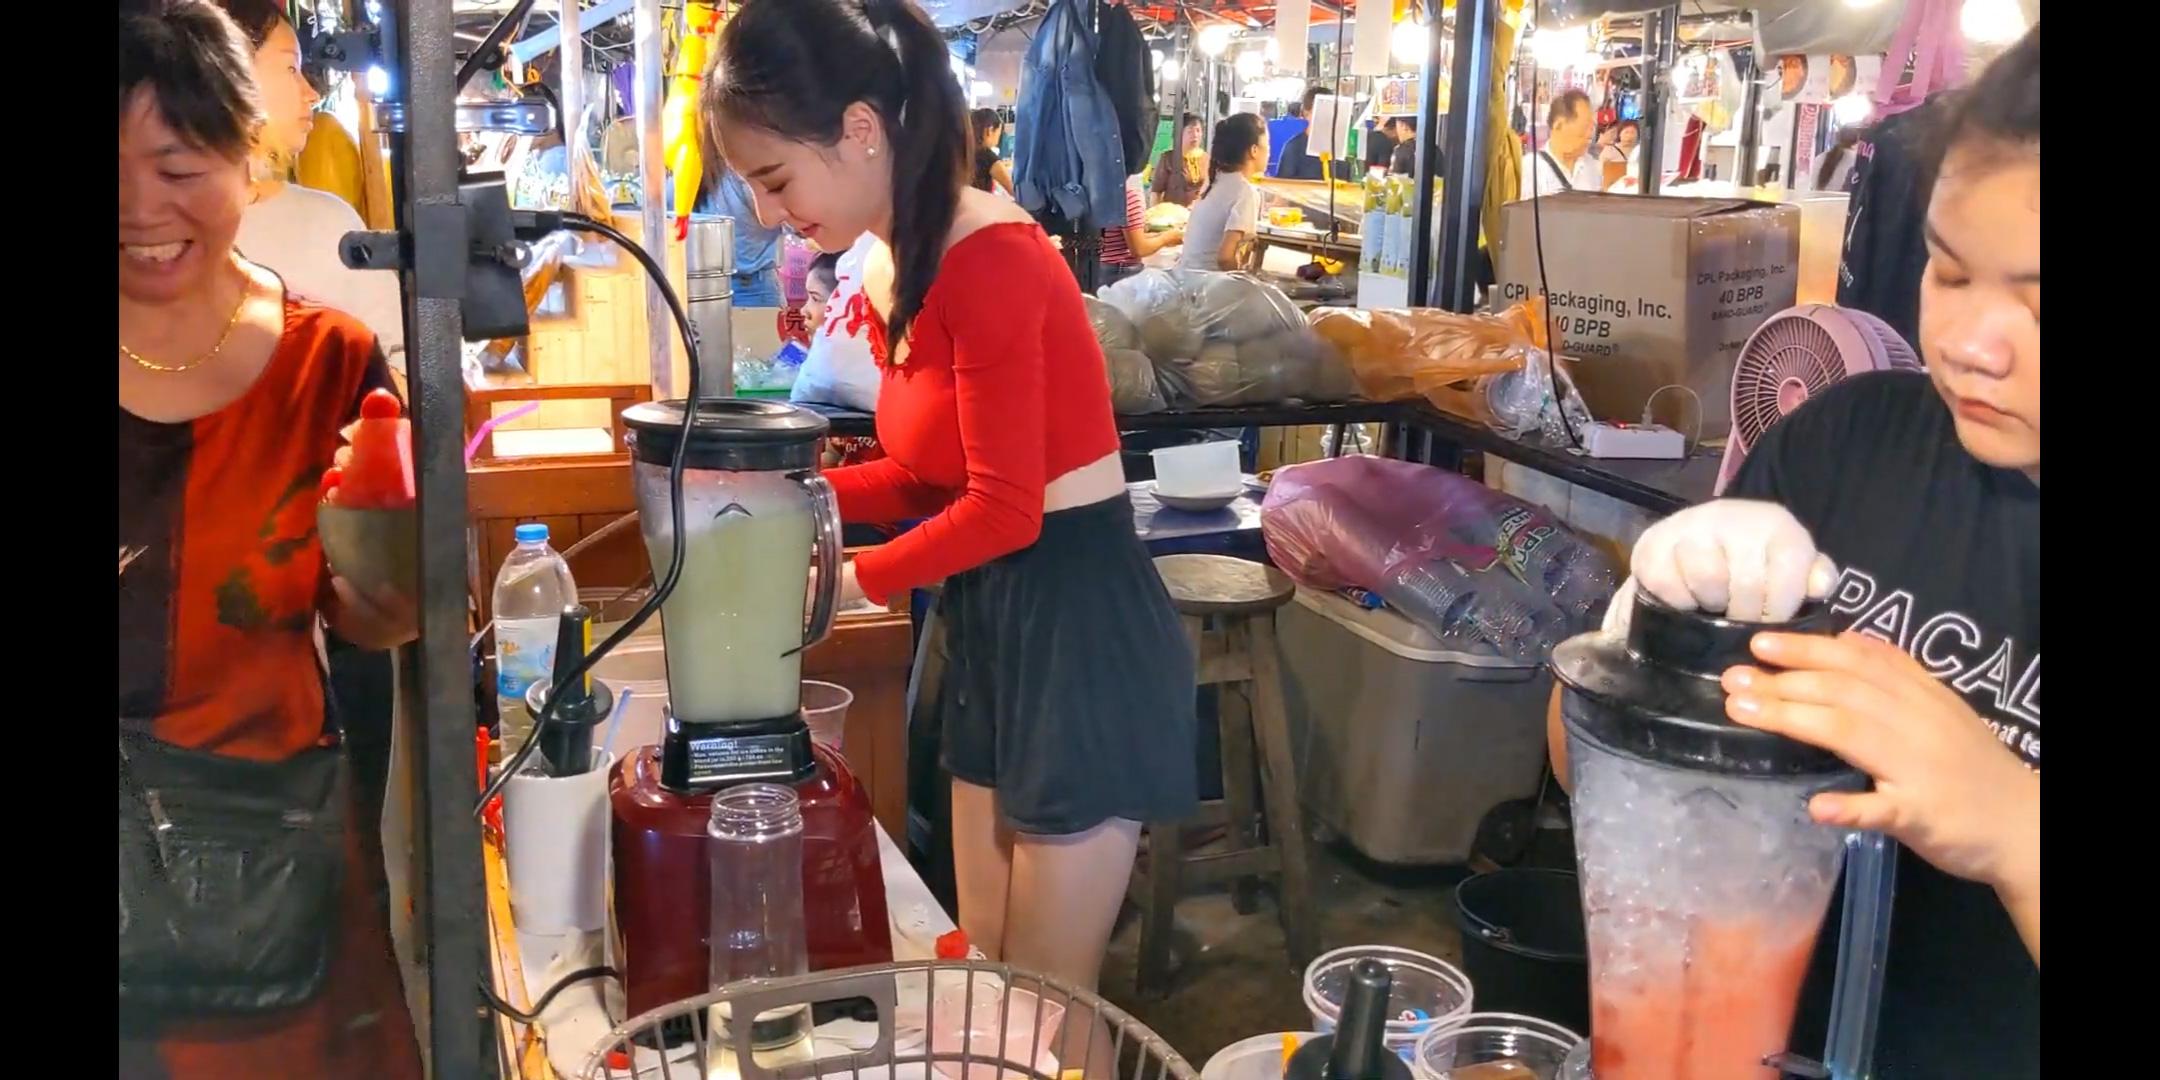 【画像】タイの屋台のお姉さん、Hすぎるw